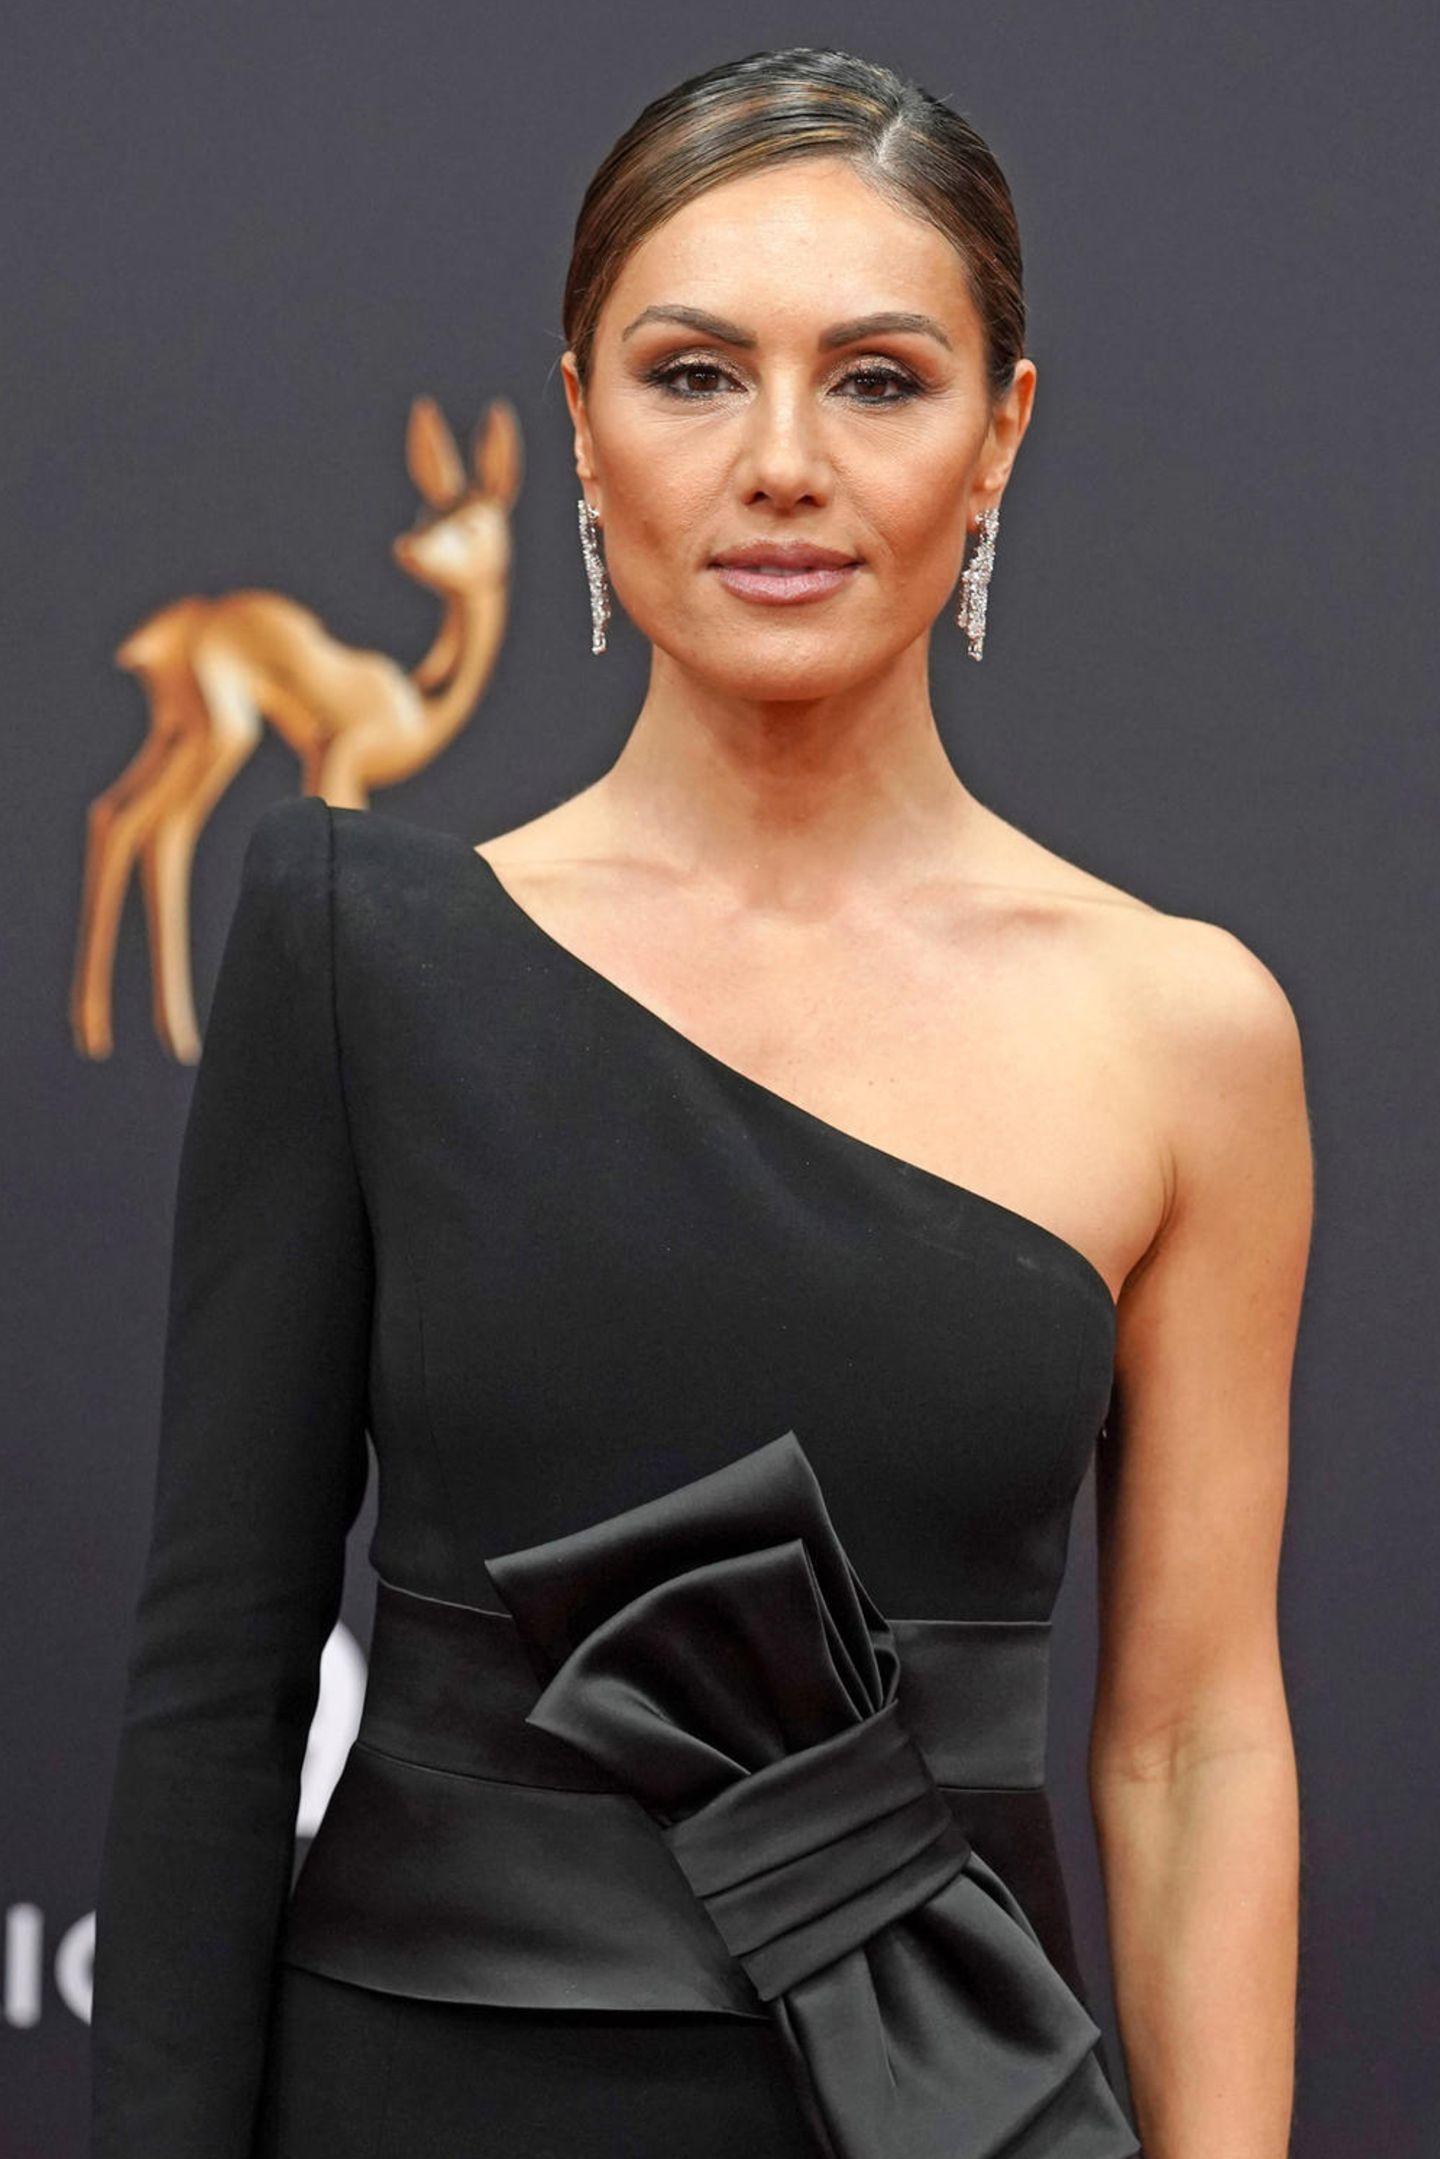 Nazan Eckes sorgte bei der Bambi-Verleihung 2019 für einen richtigen Wow-Moment in ihrer schwarzen Couture Robe von Pio O'kan. Auf Instagram verrät die schöne Moderatorin, dass das Kleid in wochenlanger Handarbeit gefertigt wurde und dass sie ganz verliebt seiin das traumhafte Prachtstück.